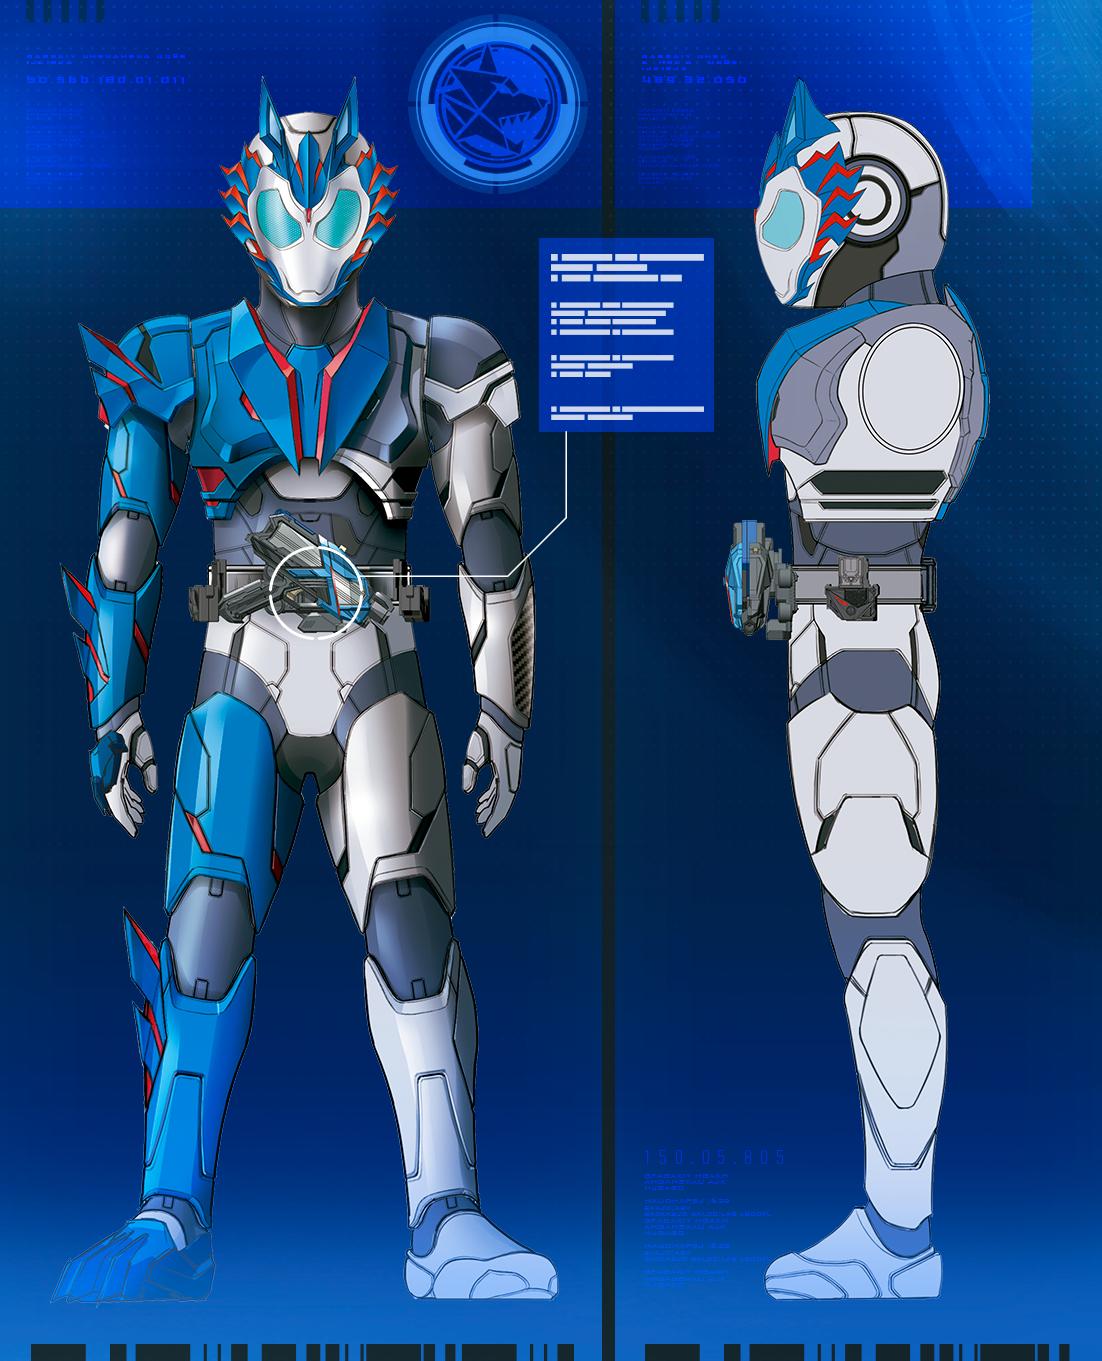 仮面ライダー公式ポータルサイト 仮面ライダーweb 東映 仮面ライダー パワーレンジャー 人型 ロボット